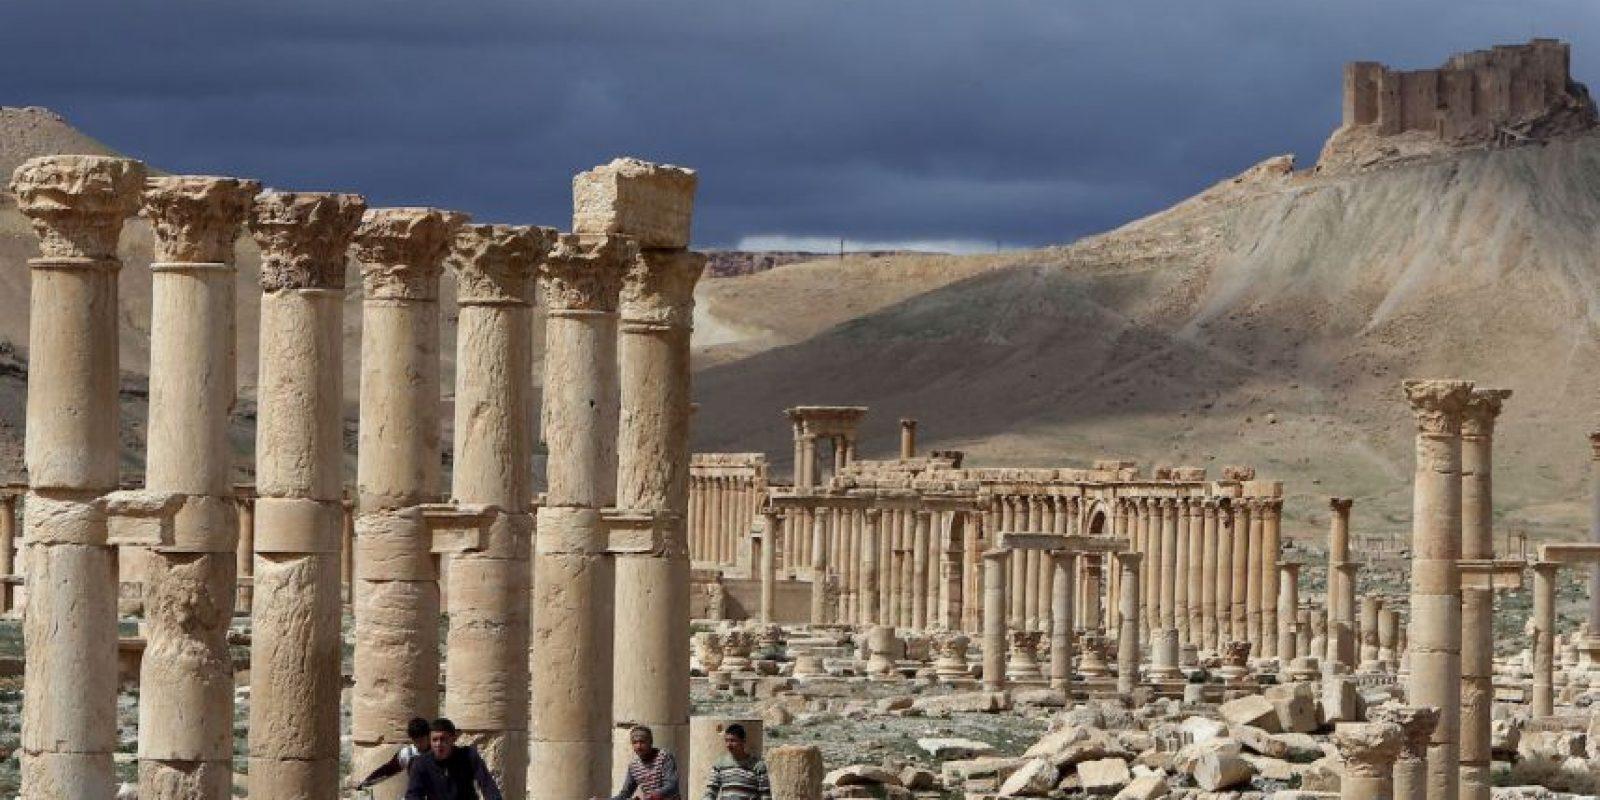 No sería la primera vez que el grupo terrorista afecta lugares históricos y de alto valor cultural. Foto:AFP